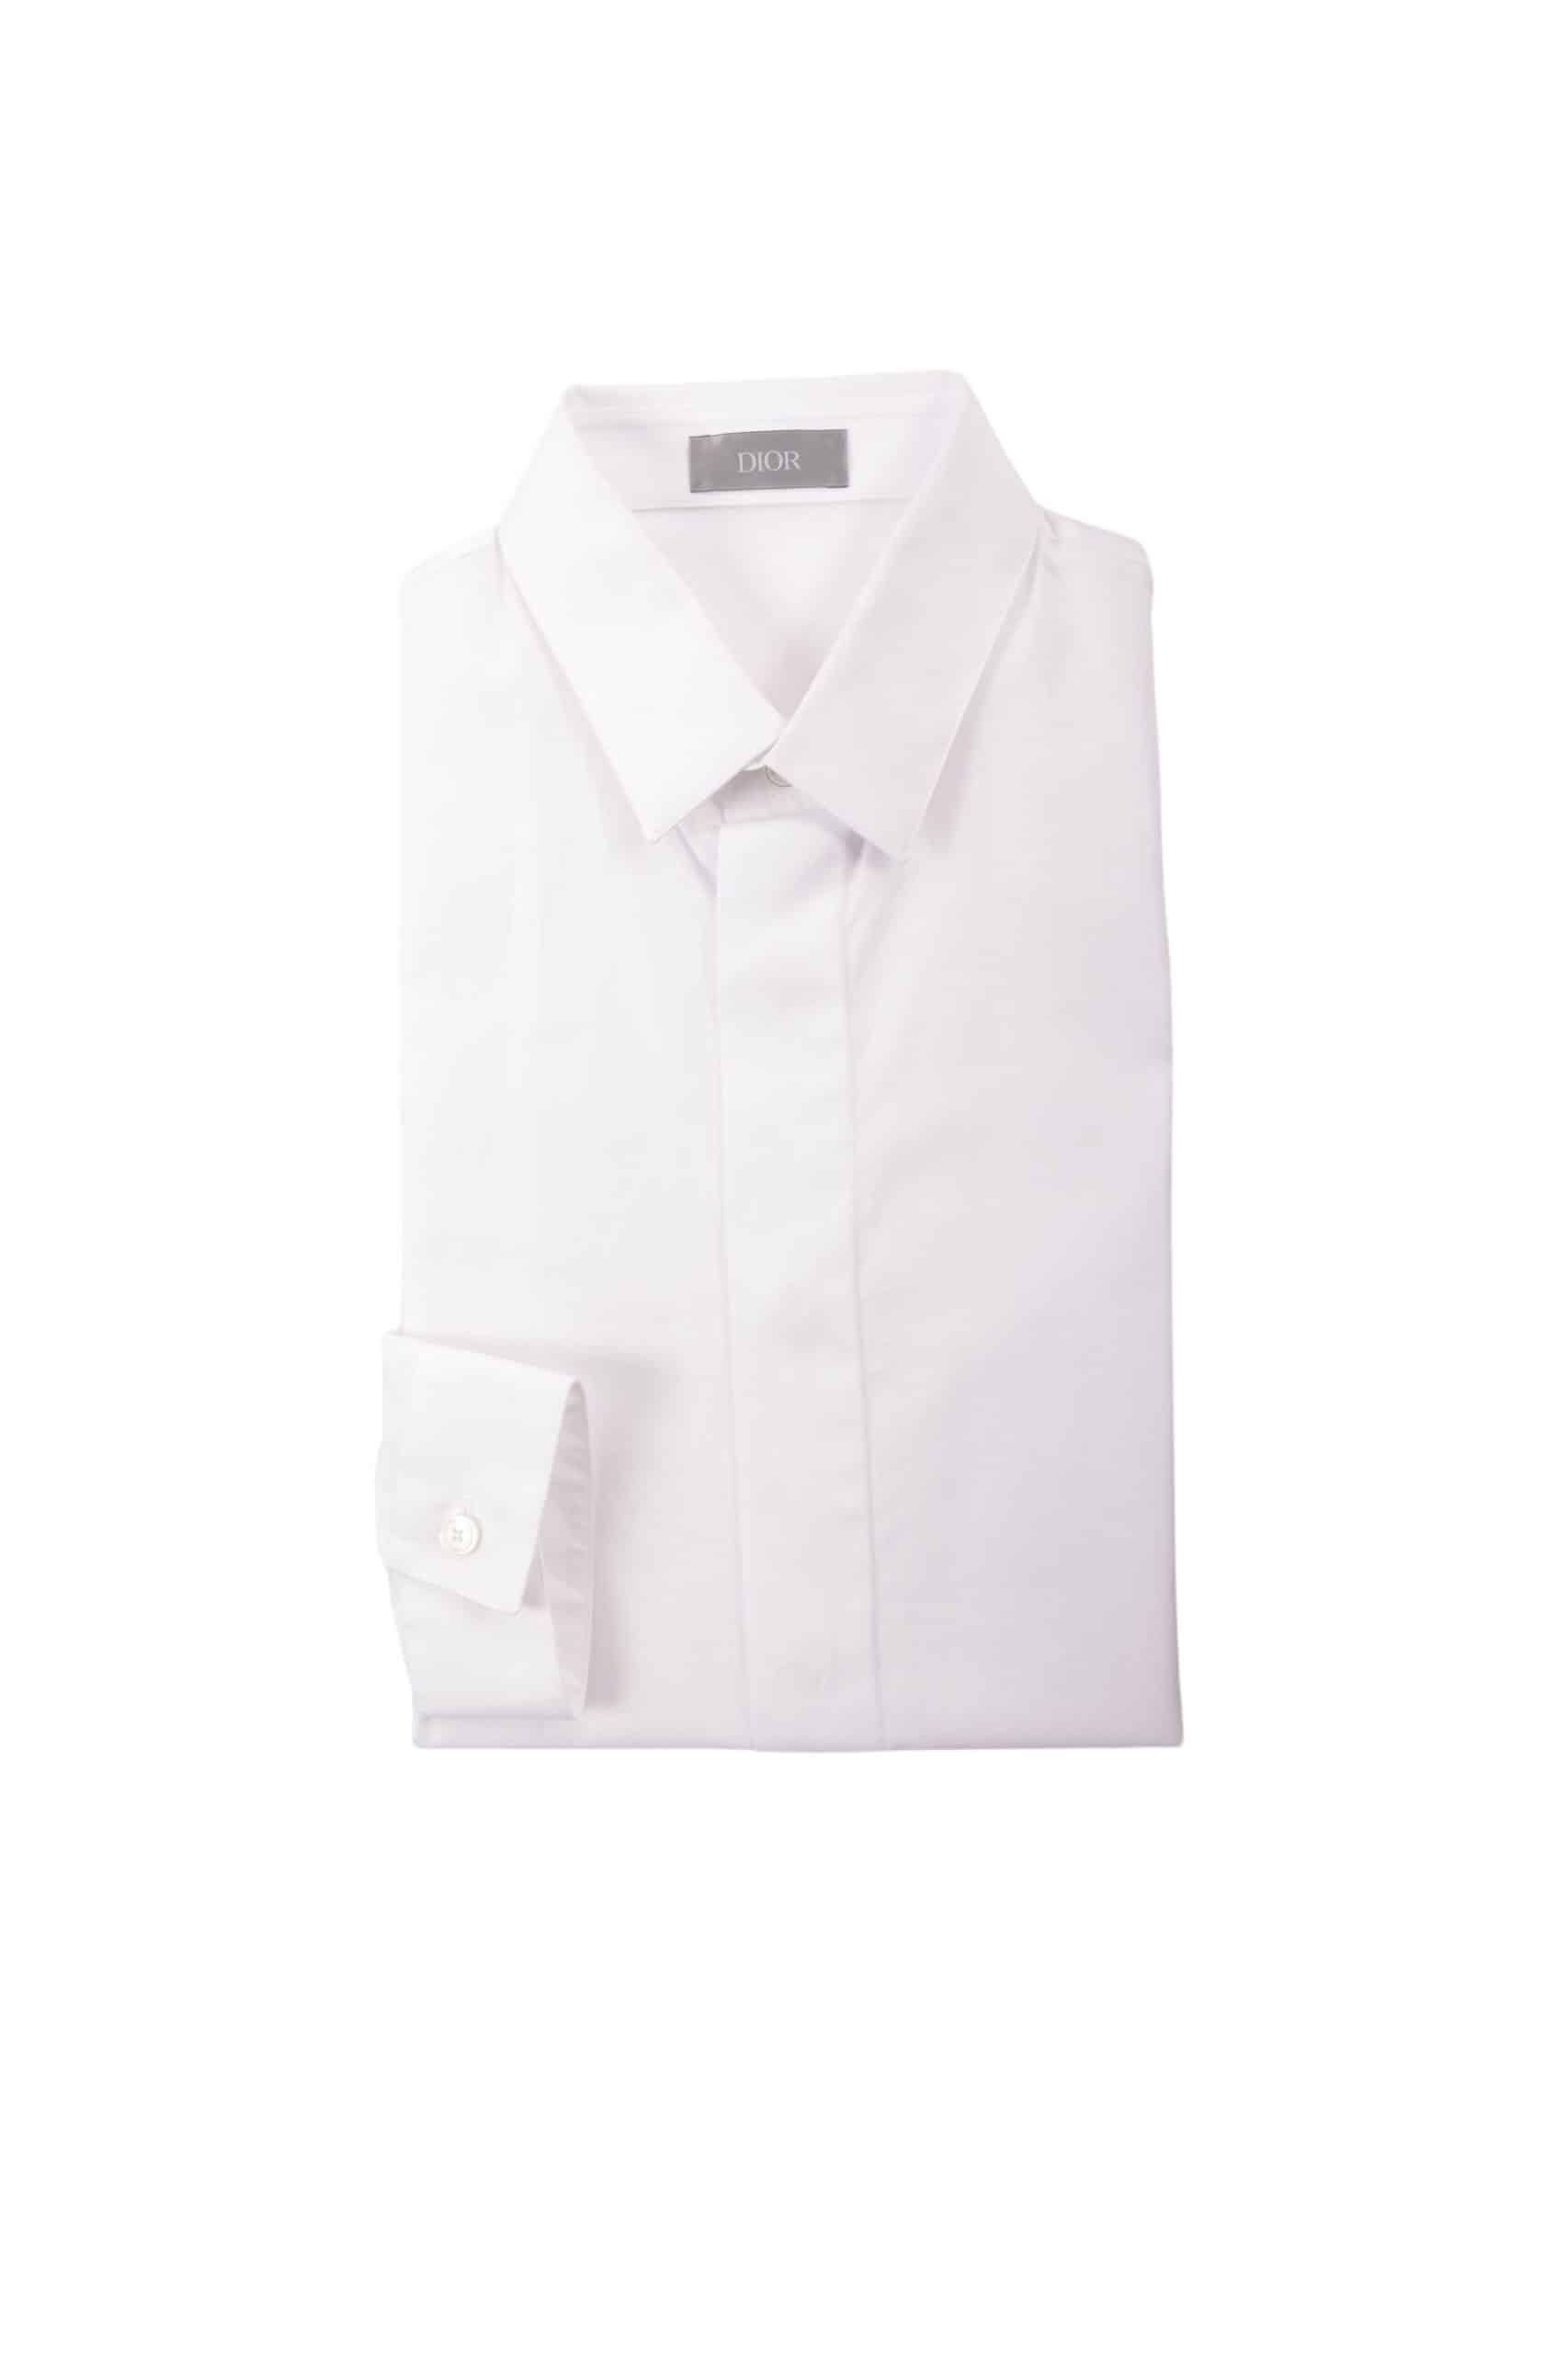 chemise blc abeille